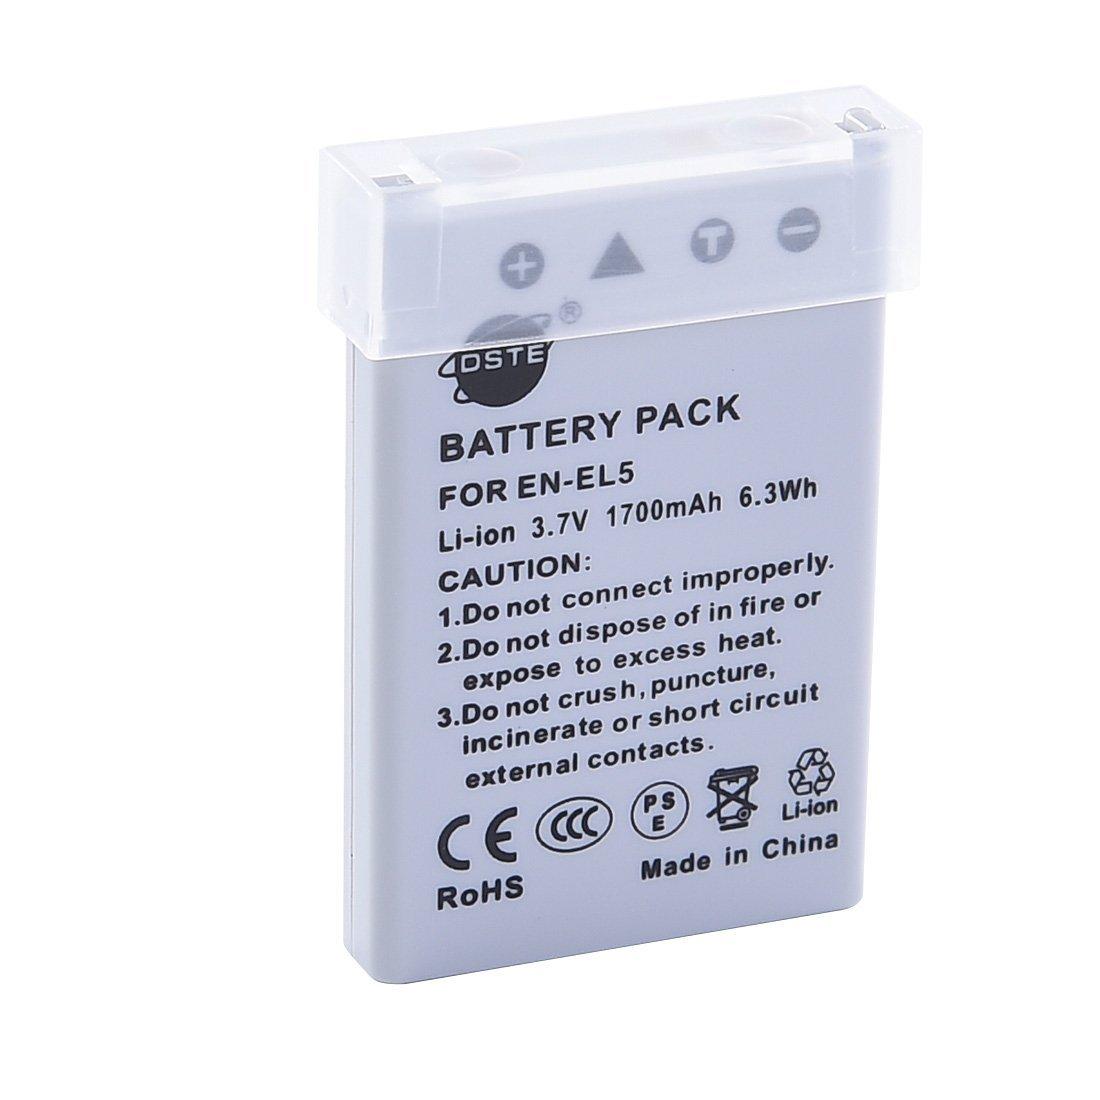 DSTE EN-EL5 Li-Ion Bater/ía Traje y Cargador Micro USB Compatible con Nikon Coolpix P510 P520 P530 P5100 P6000 S10 P3 P4 P80 P90 P100 P500